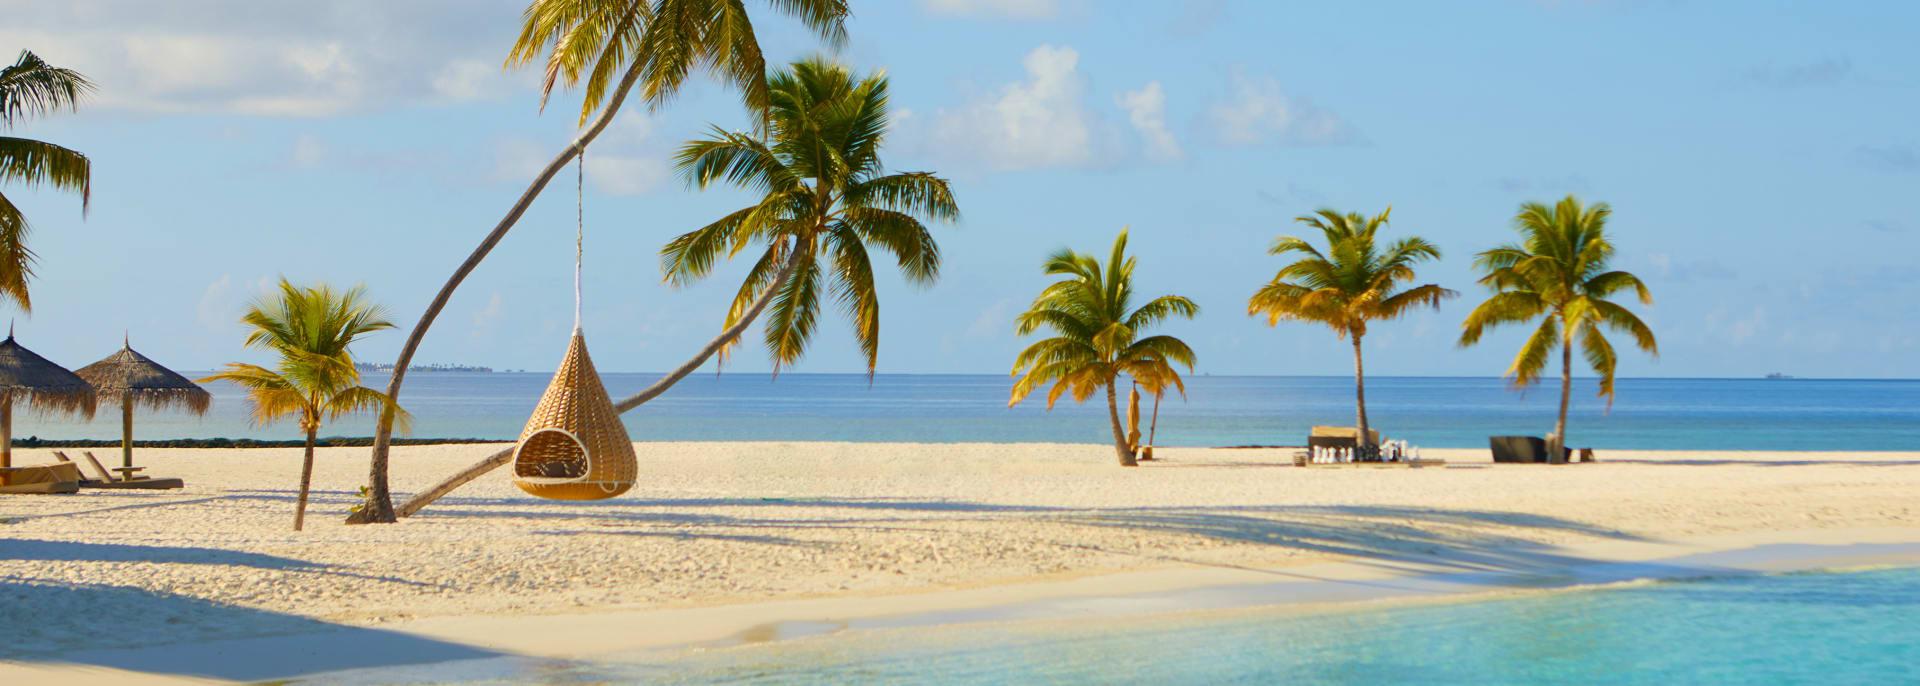 Sommer und Strand, Malediven